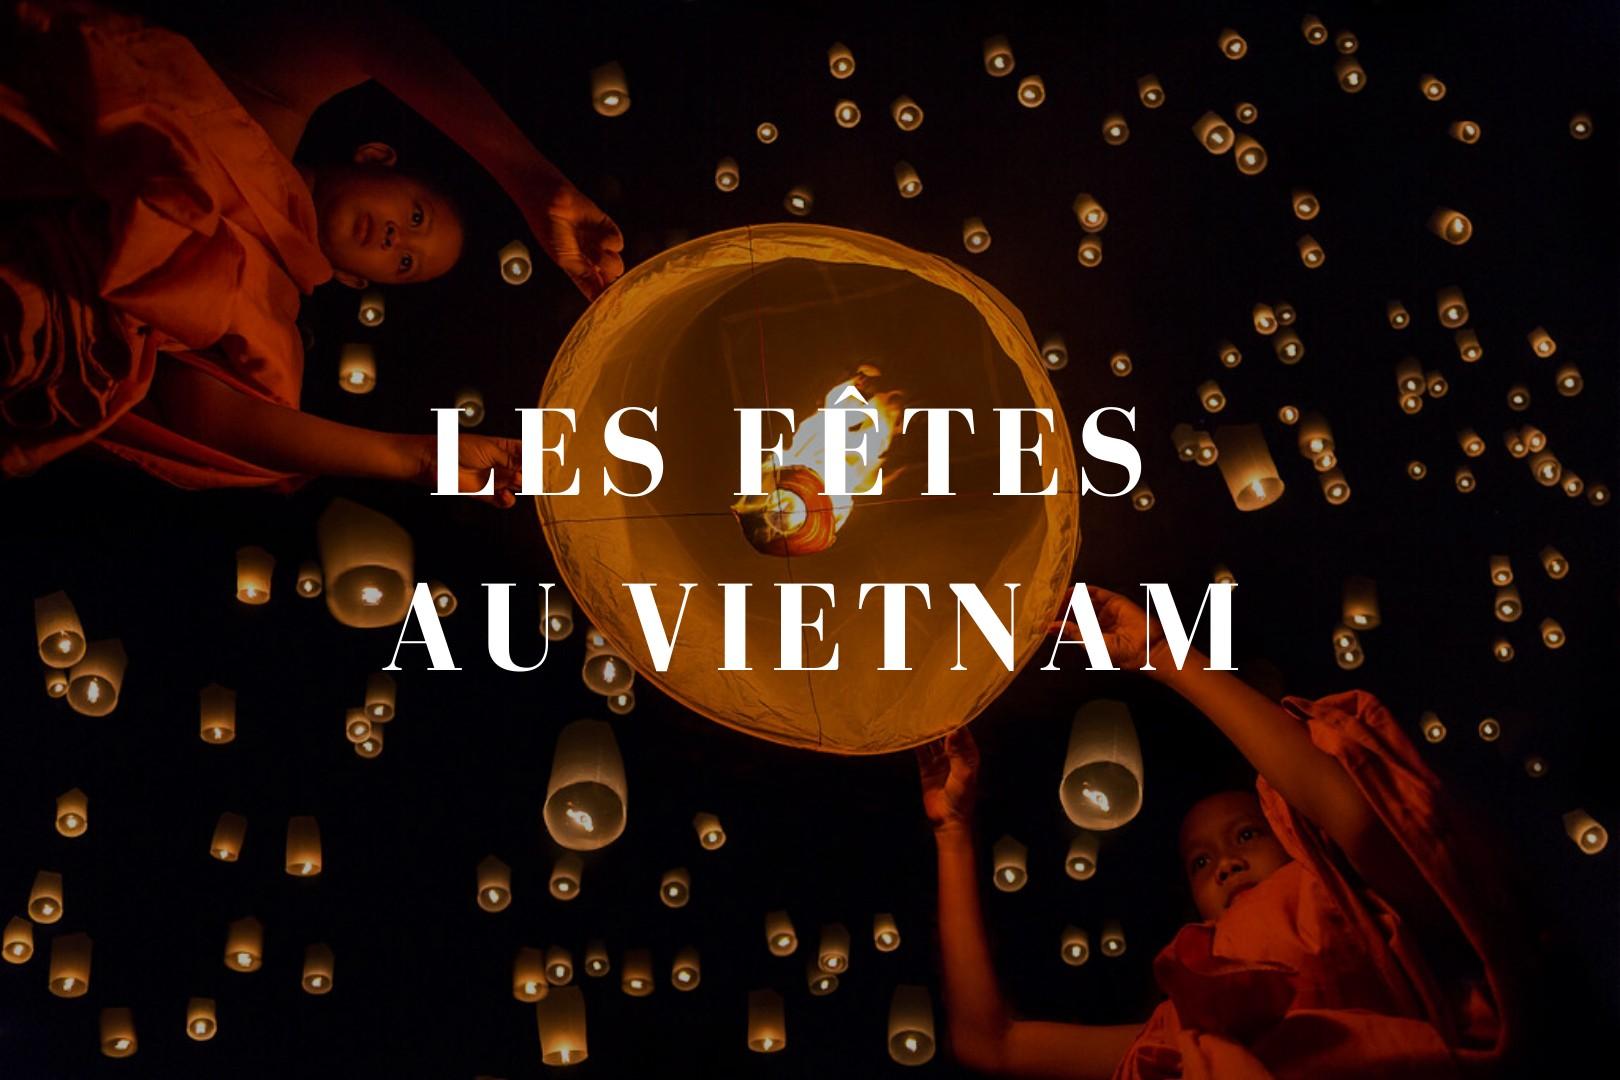 Les fêtes au Vietnam